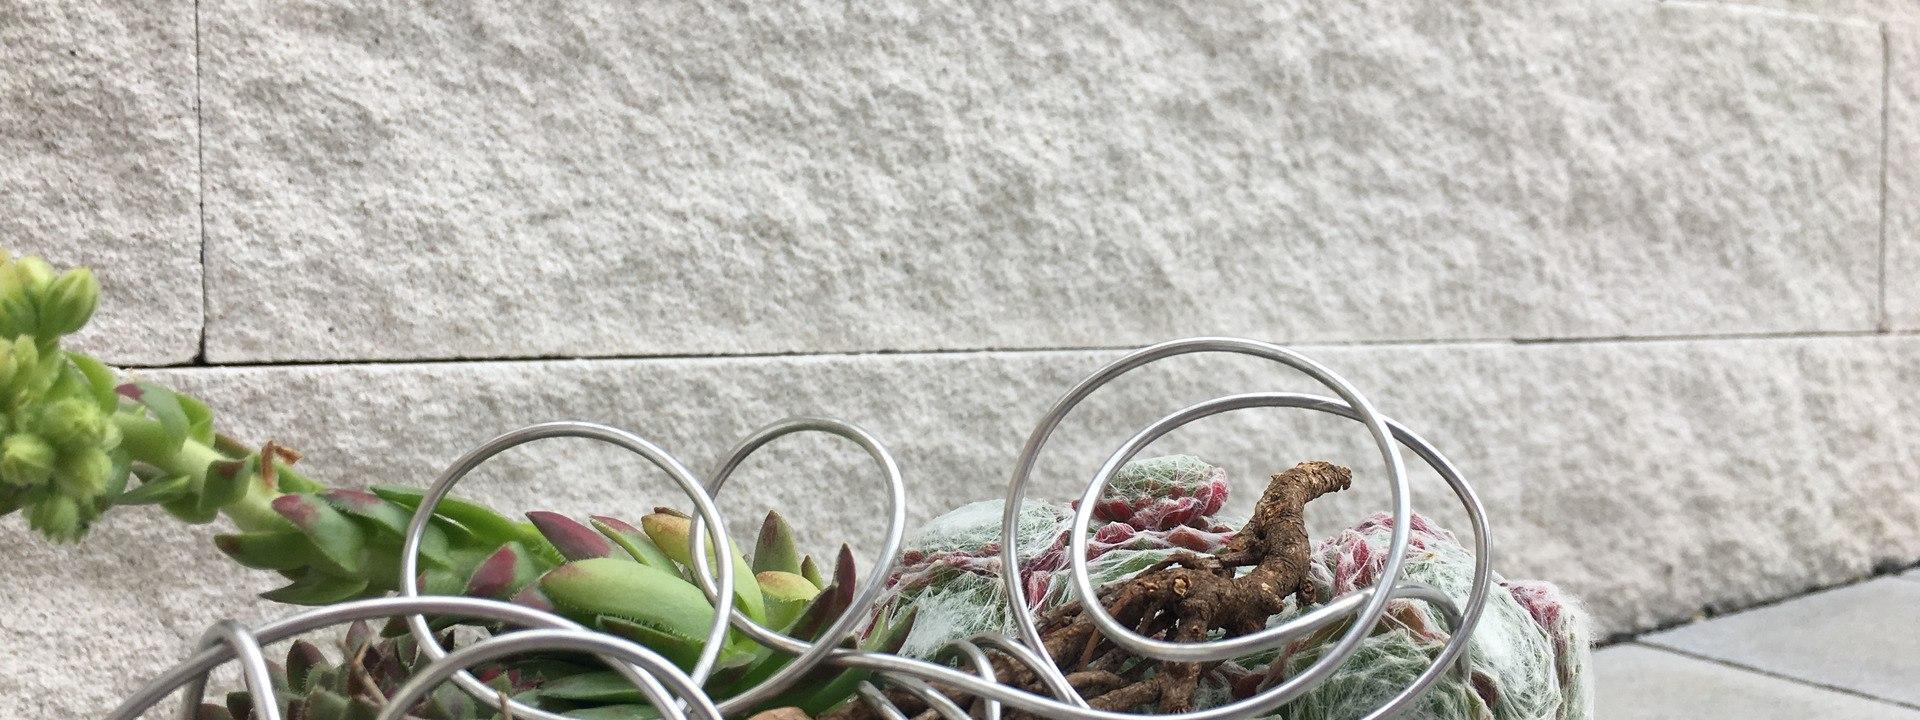 Steinmauer aus kreisefarbenen Steinen vor gepflastertem Steinboden in grau mit Buchsbaeumen in Blumenschale